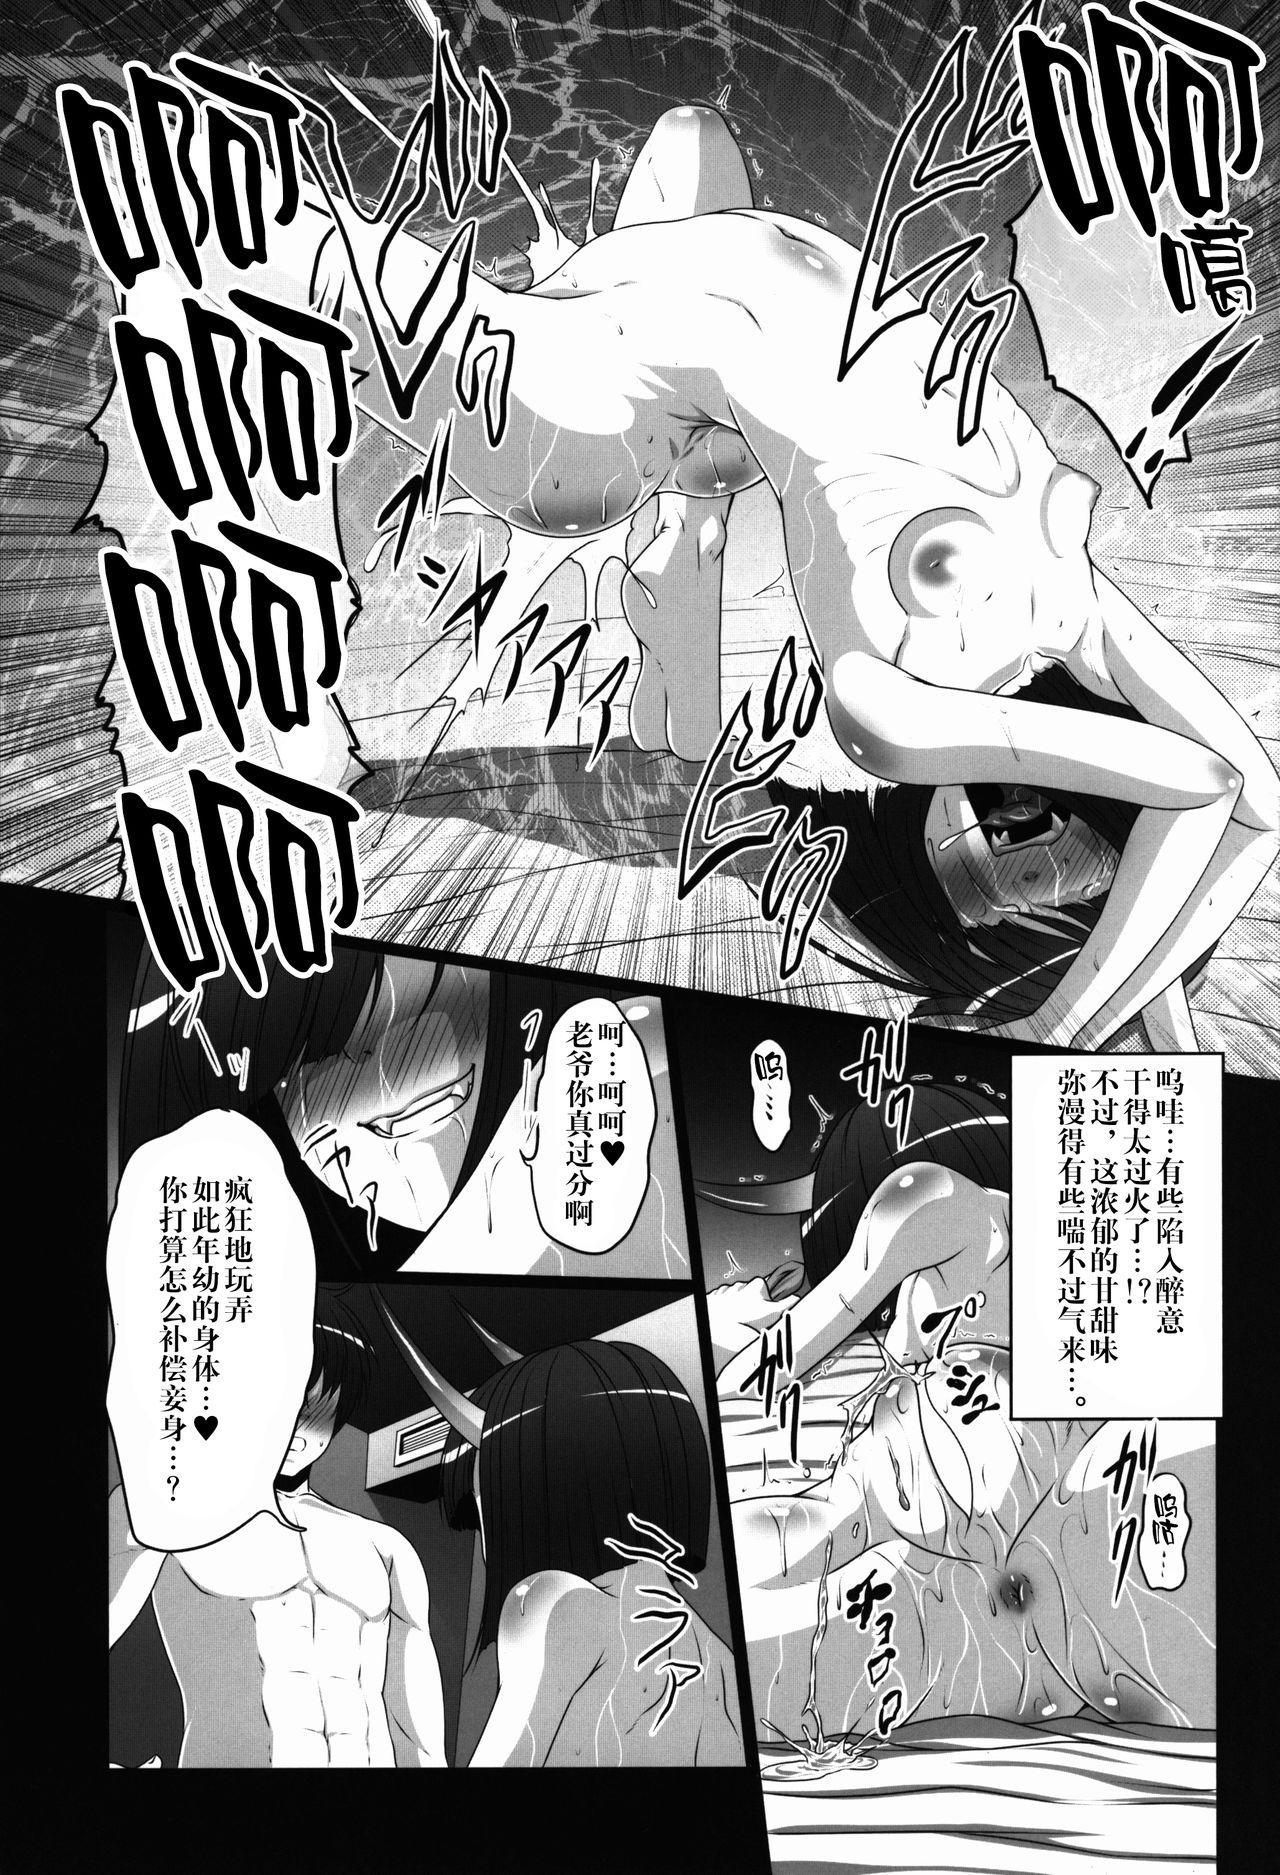 HOBBY'S BLOCK!! 26 Shuten DeliHeal Hon Shuten Yuujo Shunga Emaki 18